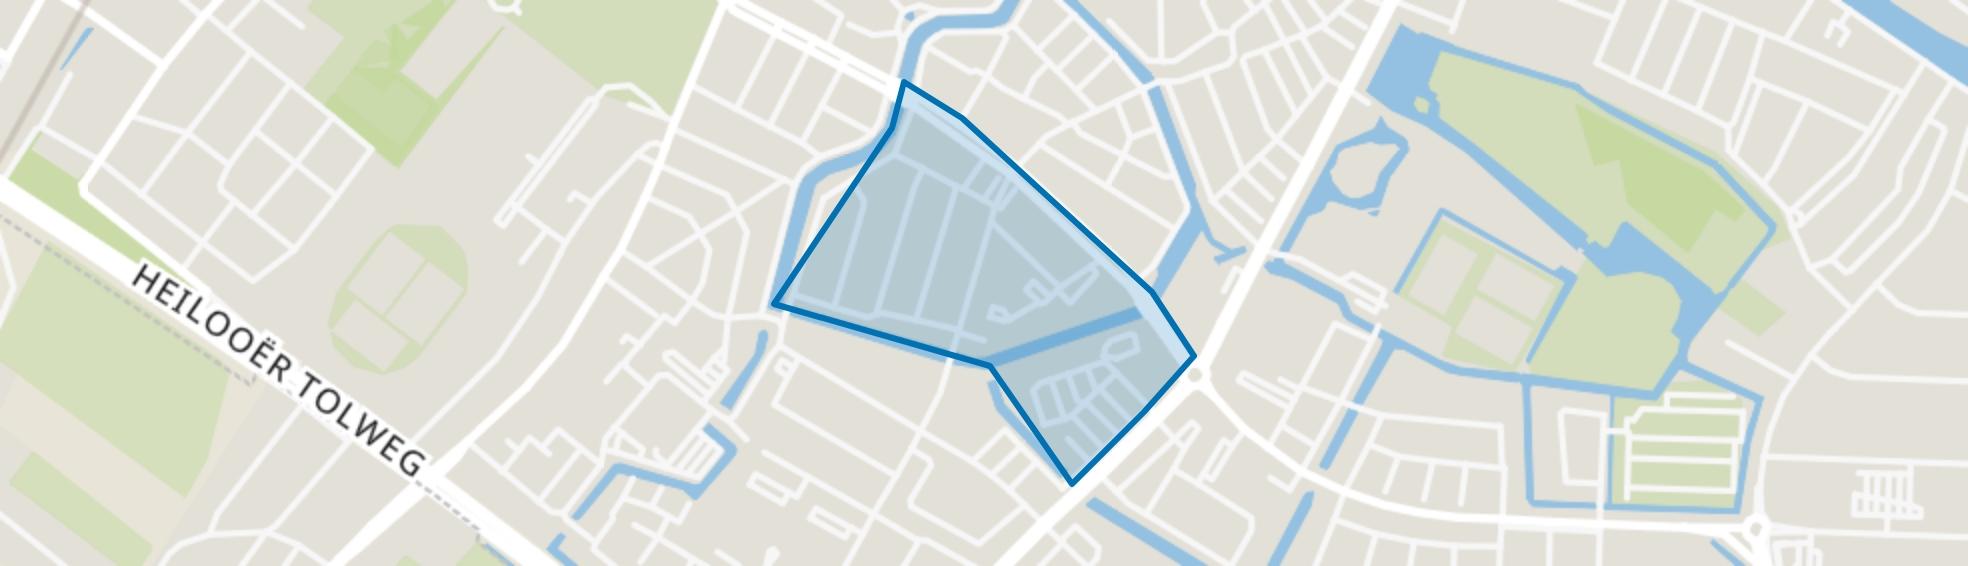 Dillenburg en Stadhouderskwartier, Alkmaar map